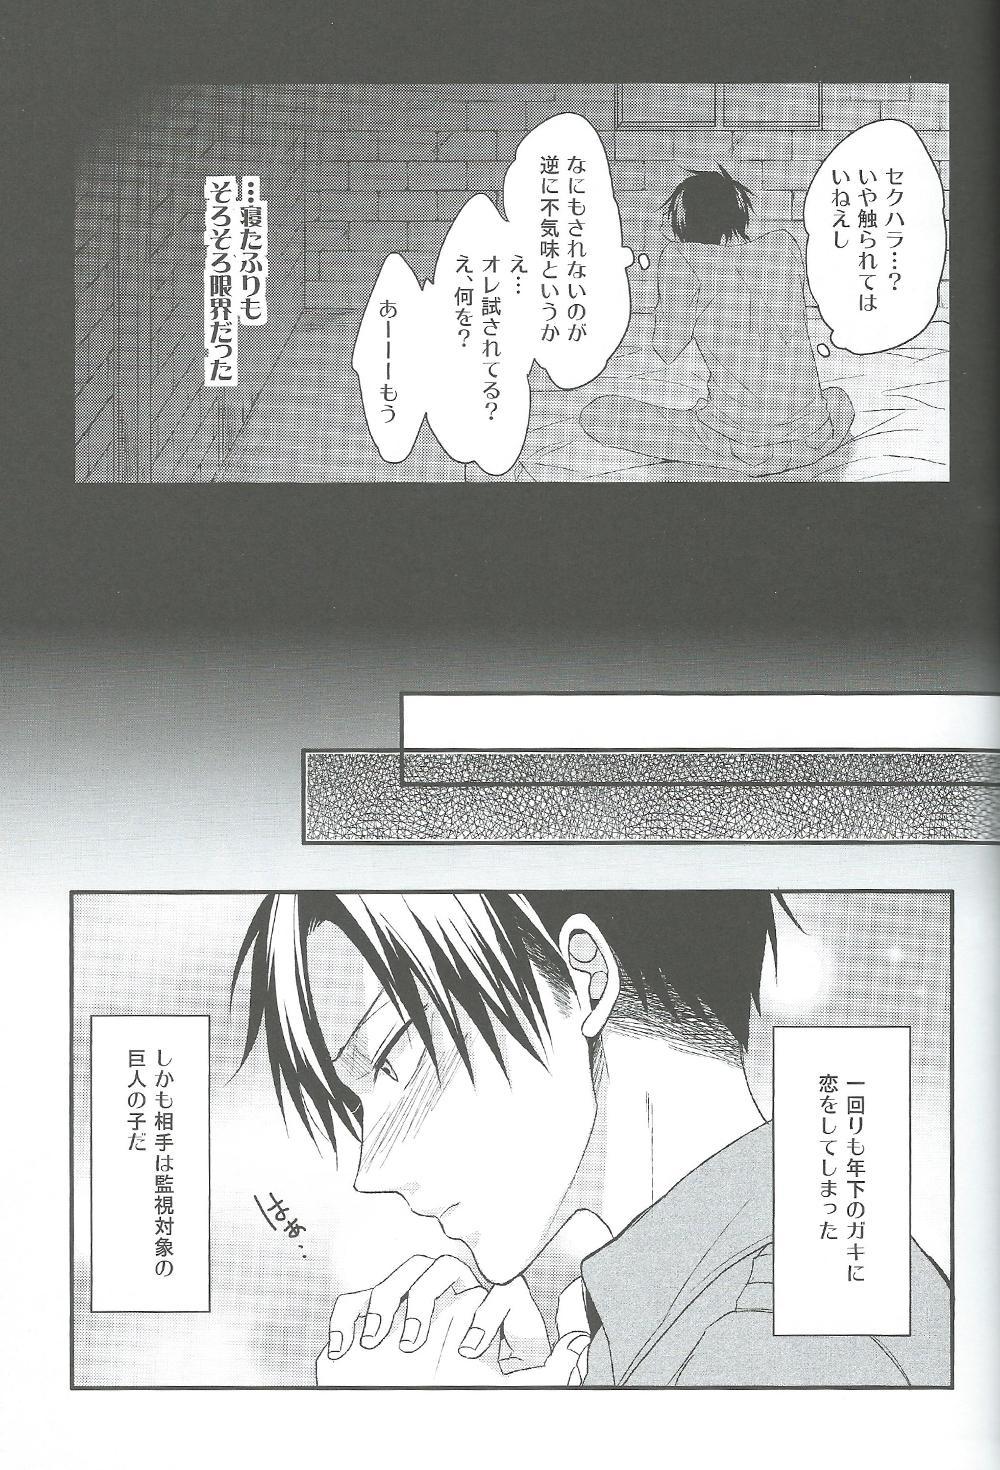 Yandere no Heichou ni Sinuhodo Aisarete yoru mo Nemurenai 7